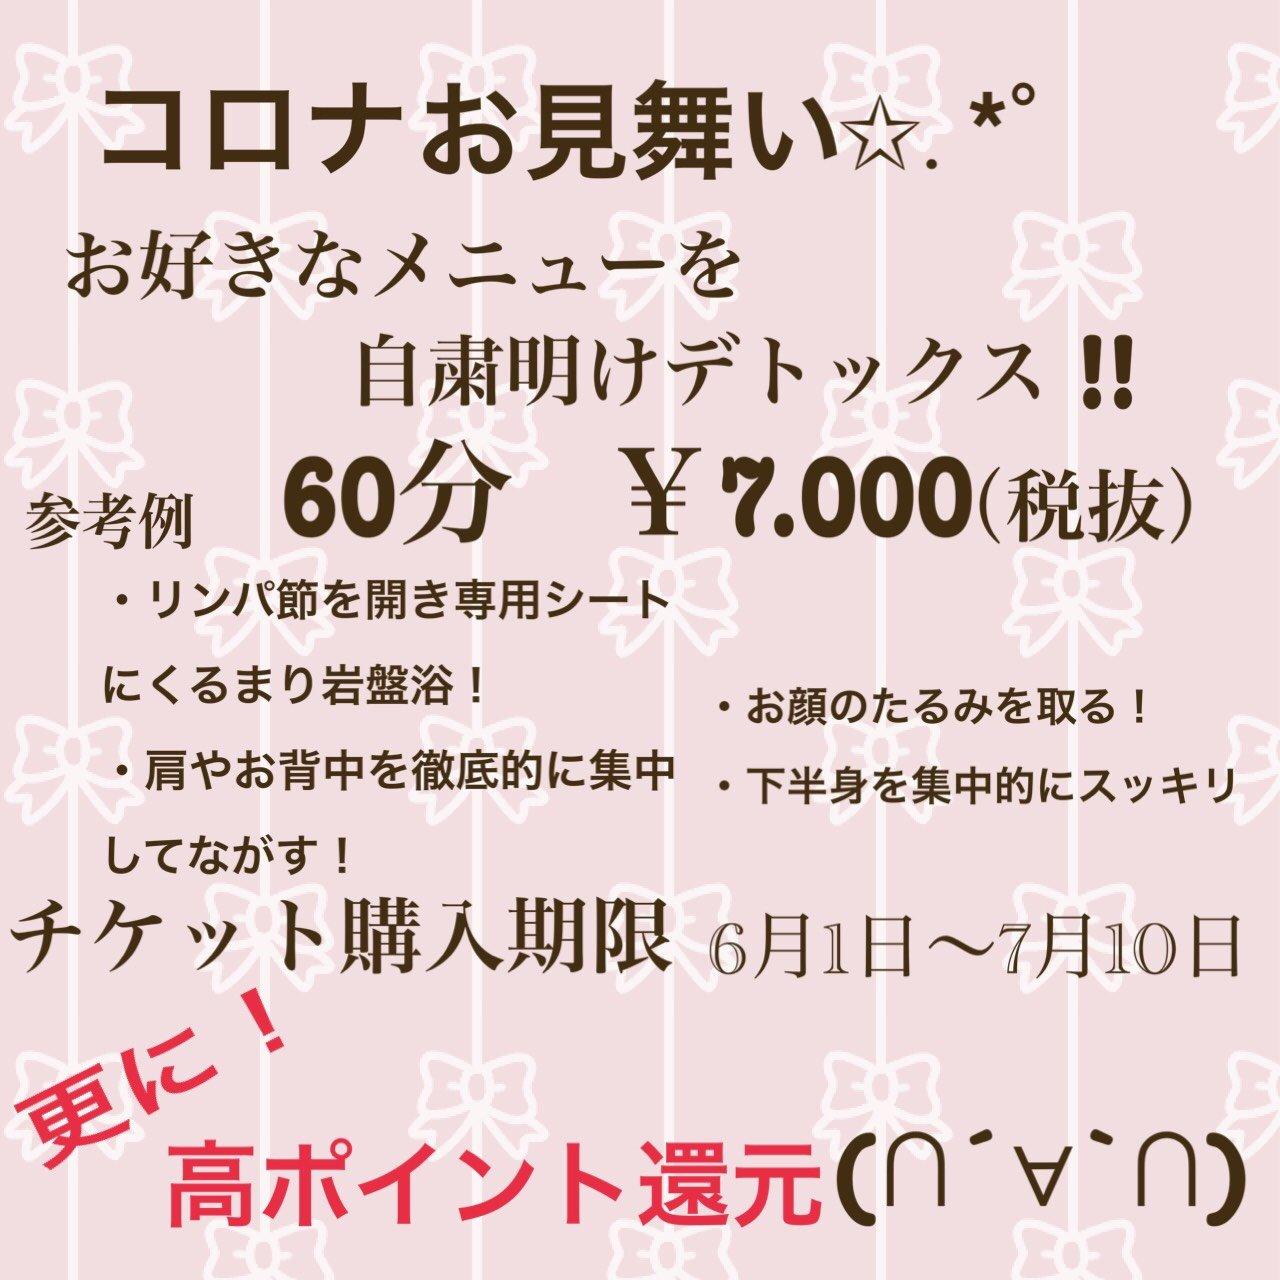 高ポイント付★コロナお見舞いチケット10パーセント引き☆彡60分お好きなメニューを自粛明けデットクスのイメージその1